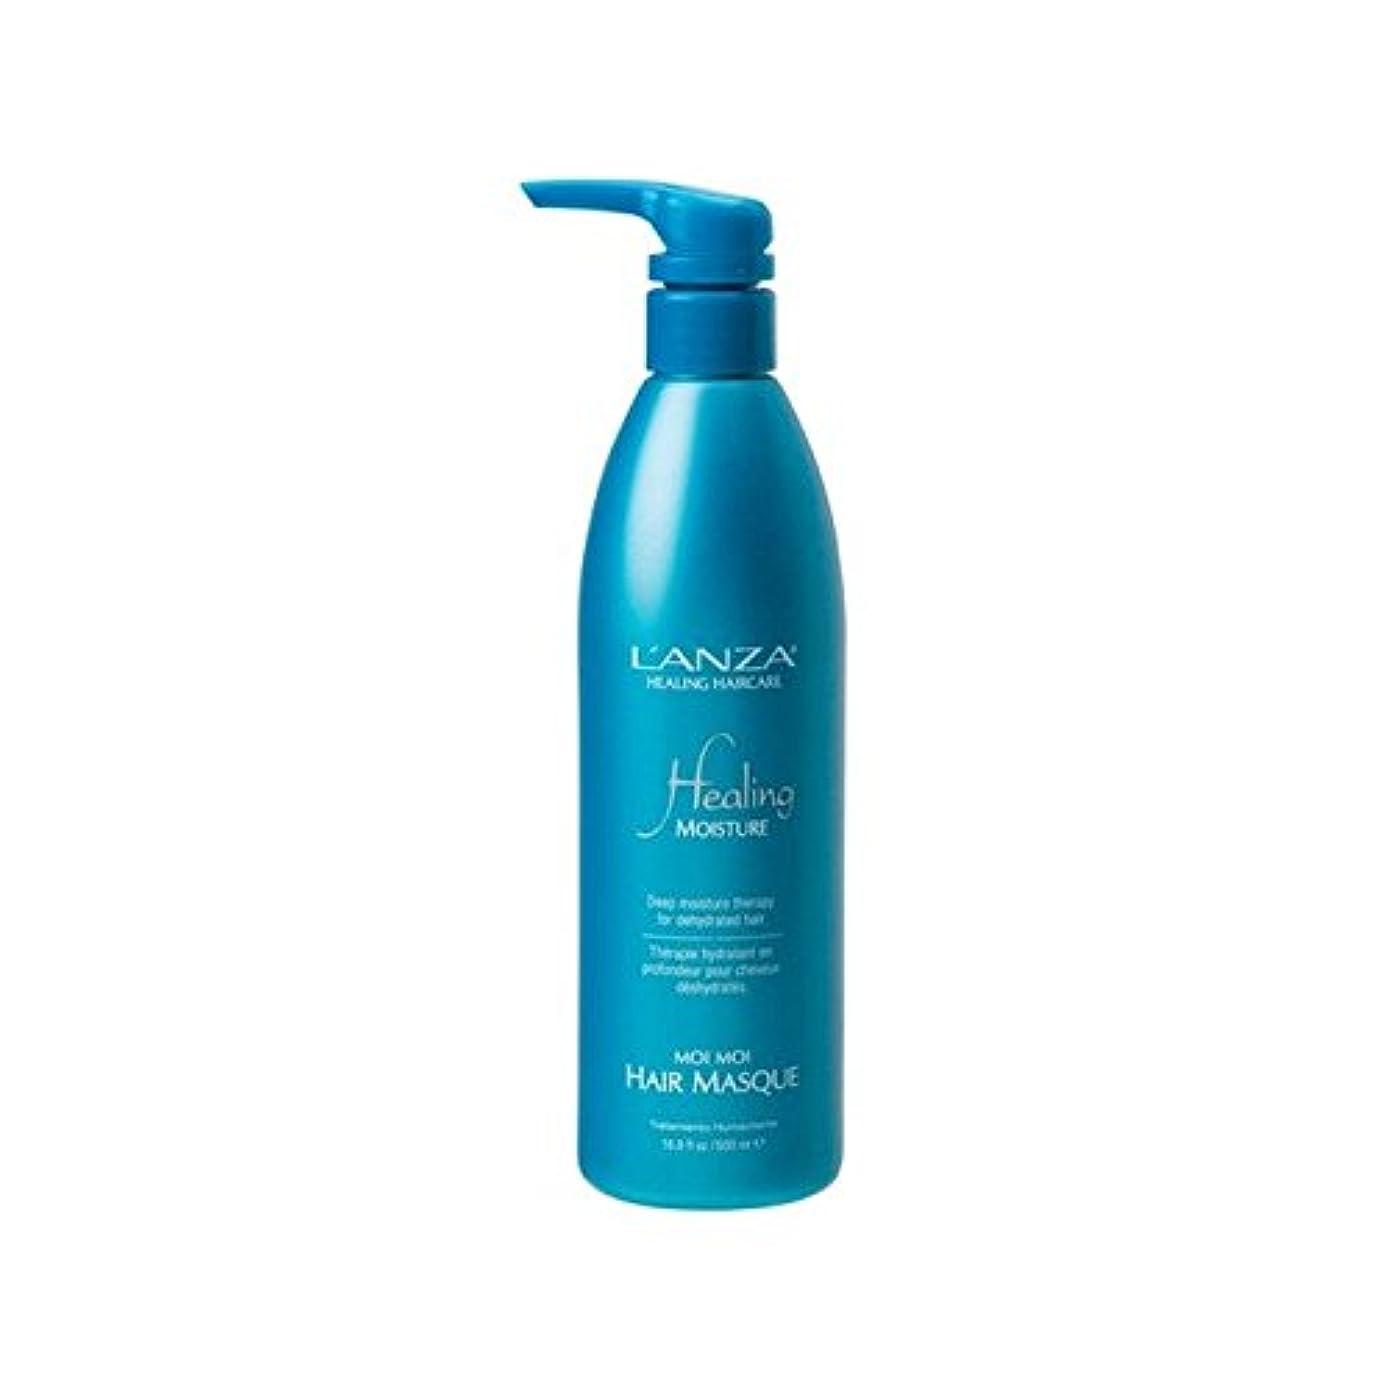 任命する欲しいです地理アンザ癒しの水分モイモイヘア仮面劇(500ミリリットル) x2 - L'Anza Healing Moisture Moi Moi Hair Masque (500ml) (Pack of 2) [並行輸入品]